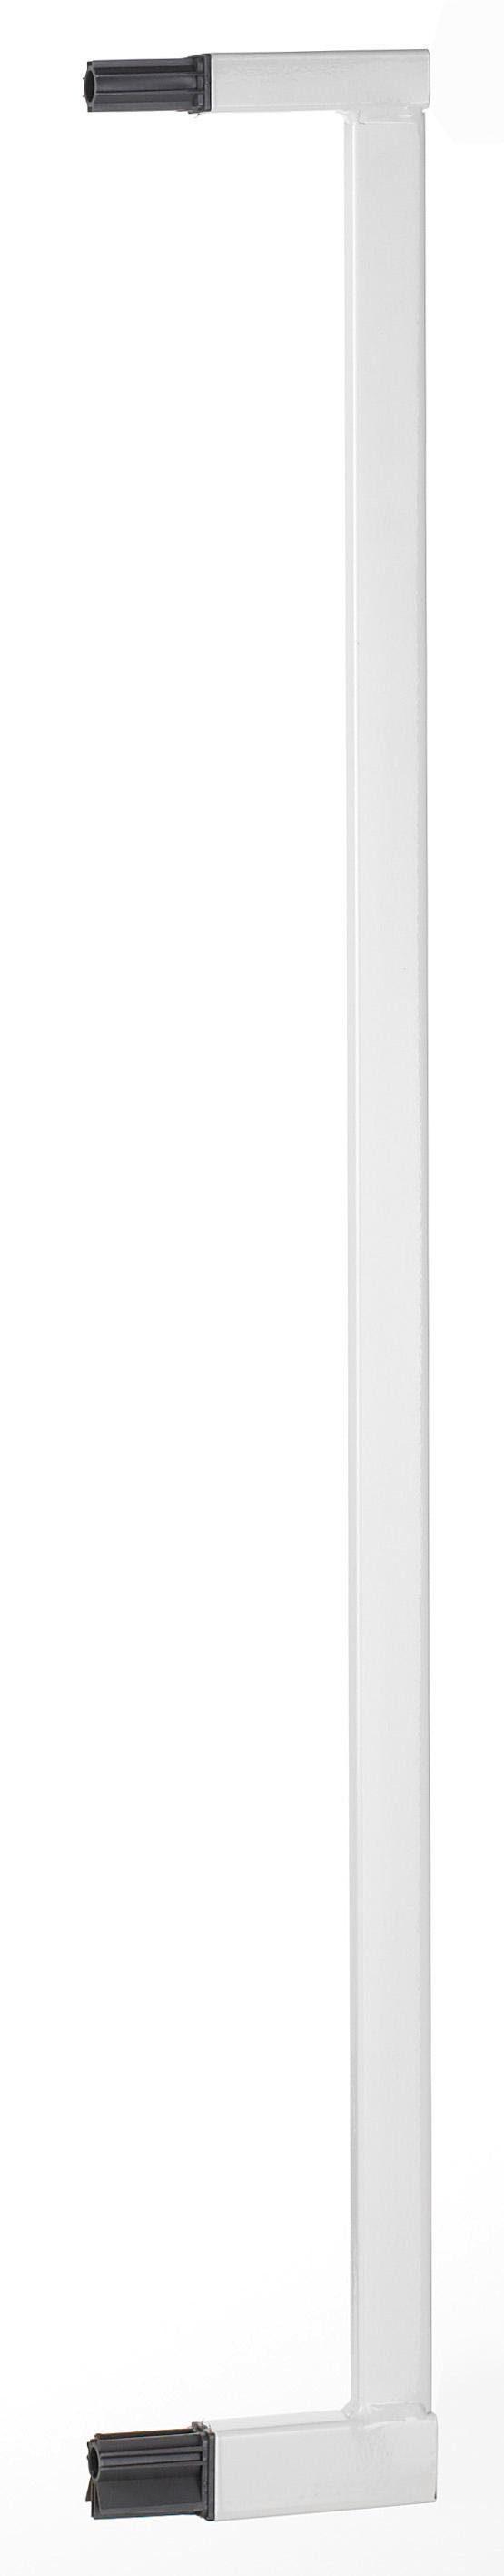 Geuther Verlängerung für Schutzgitter, »Easylock Plus, weiß, 8 cm«